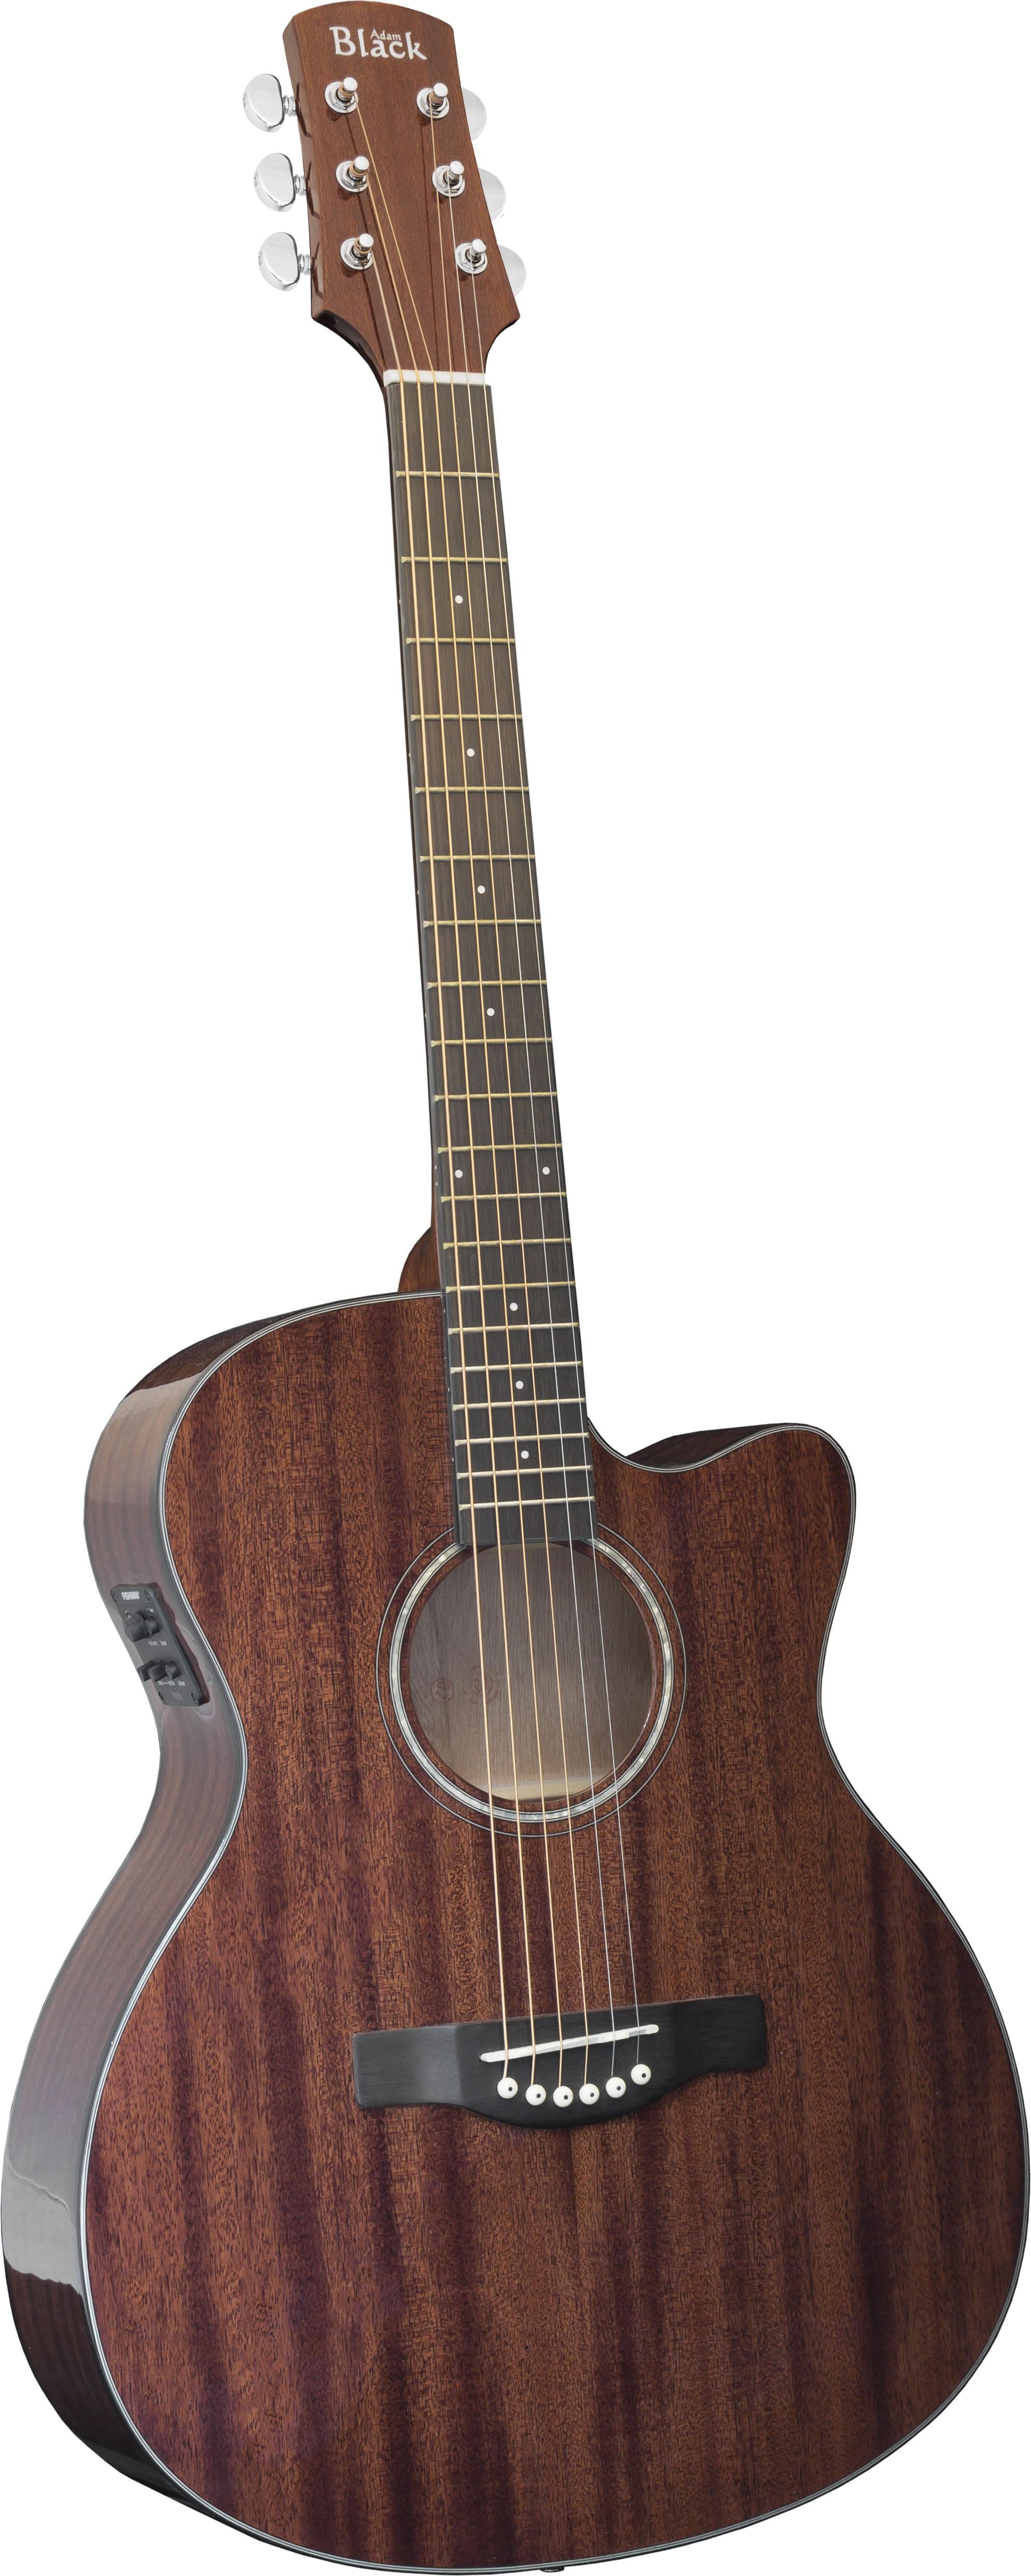 Adam Black O-4M CE- Natural with Gigbag